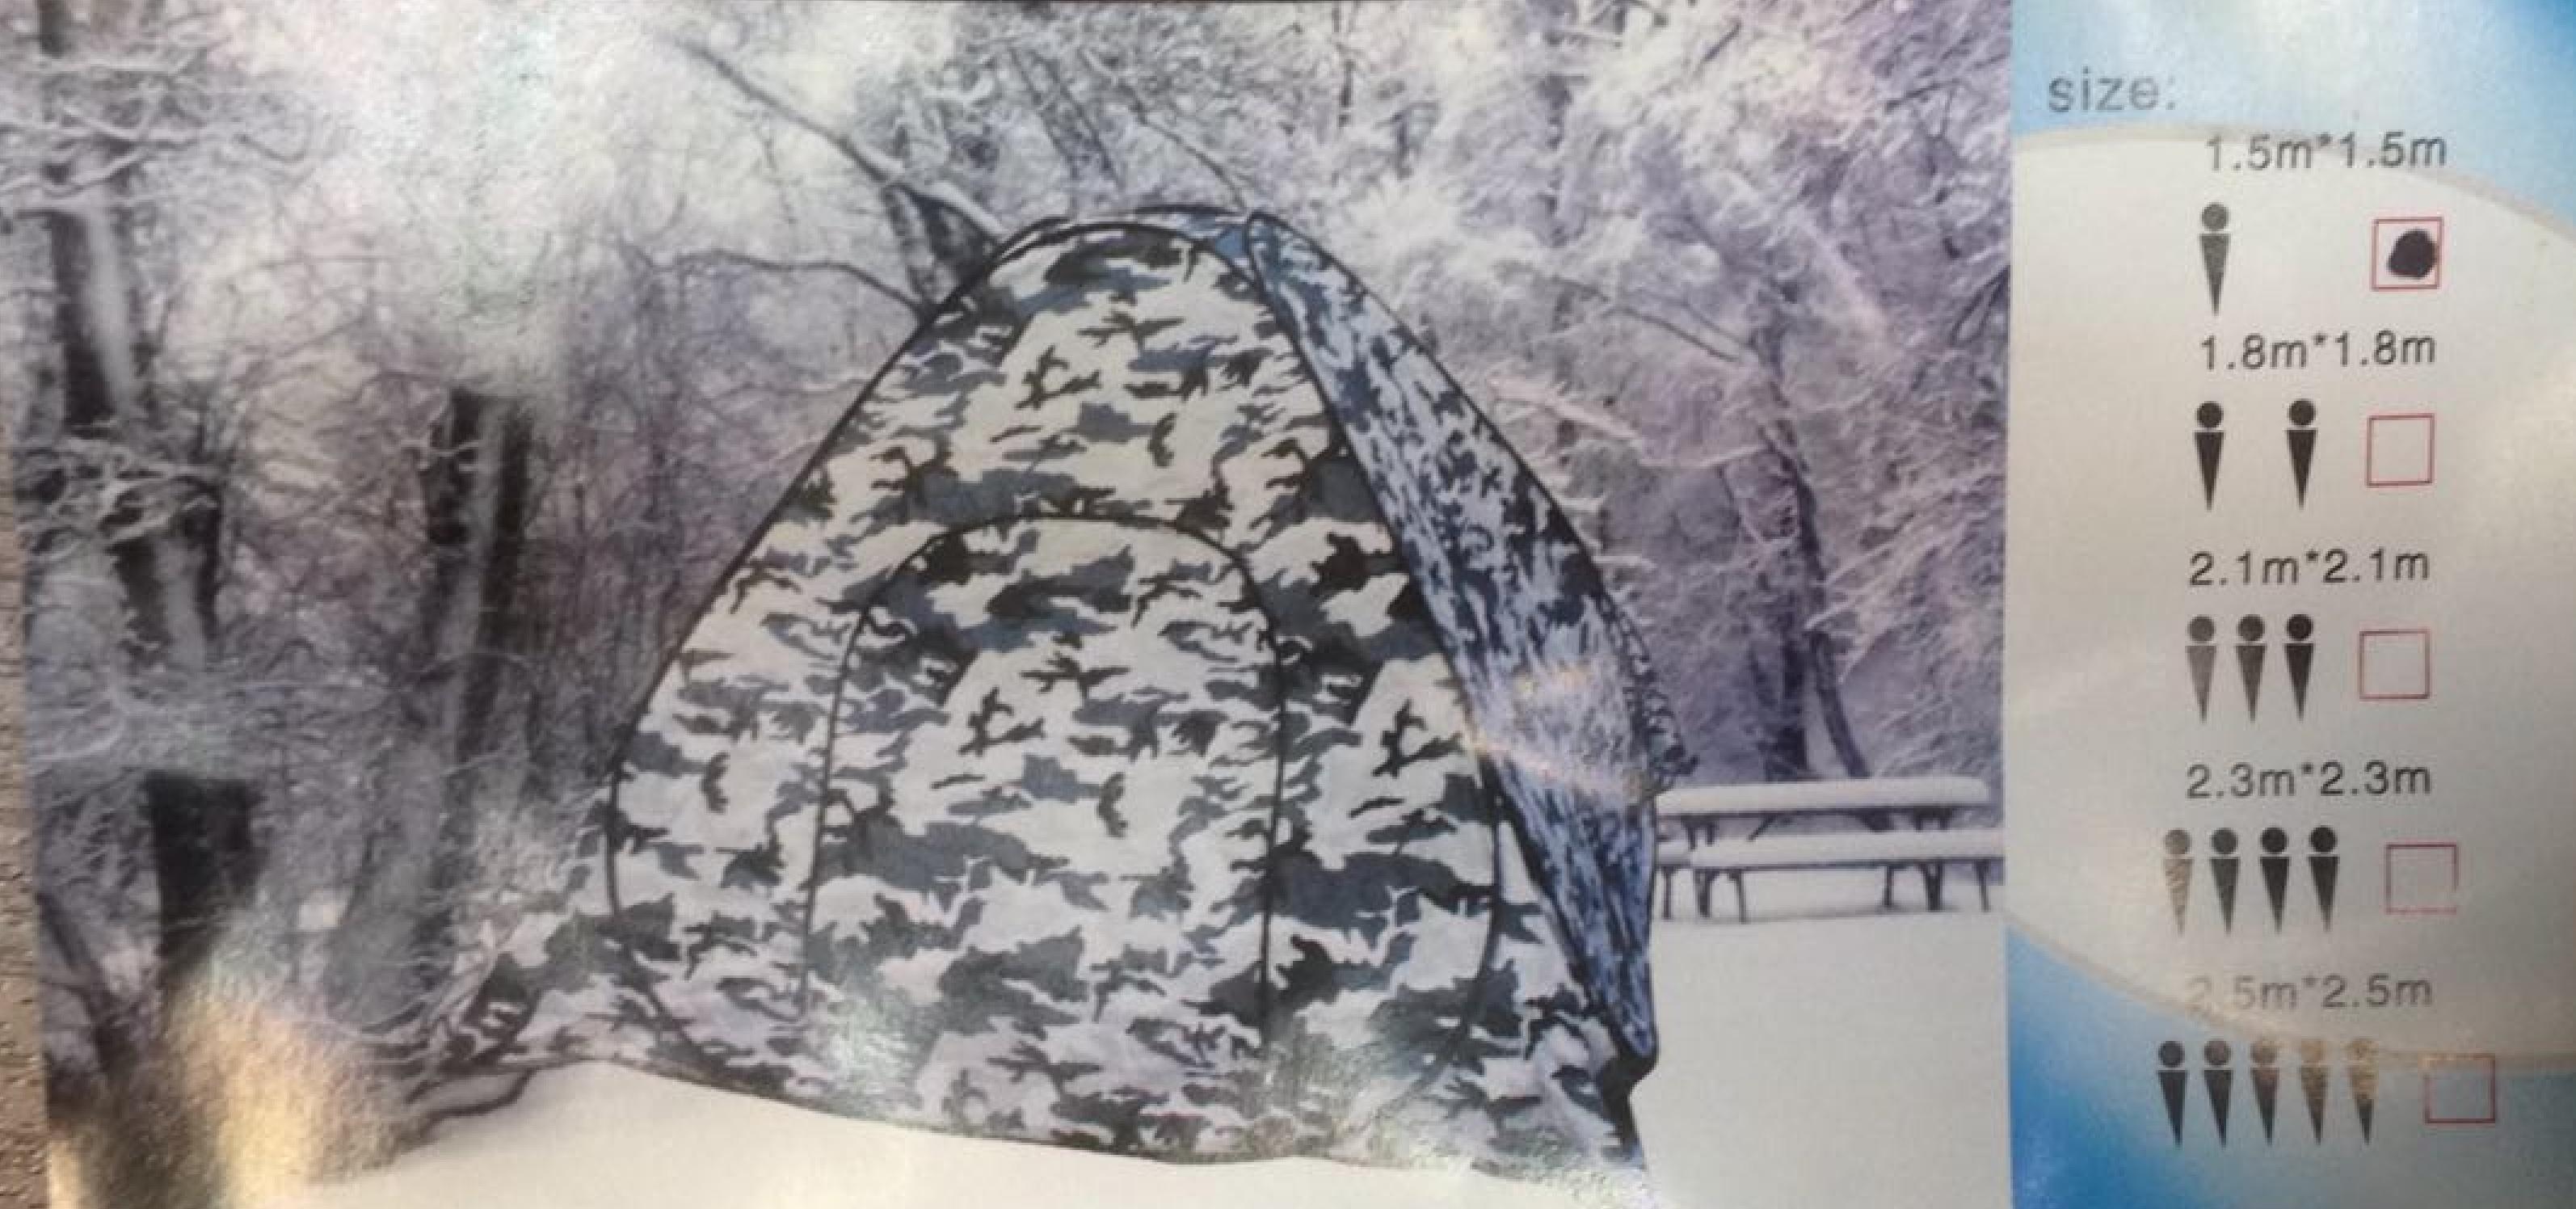 Палатка для зимней рыбалки зима 1,5х1,5 м